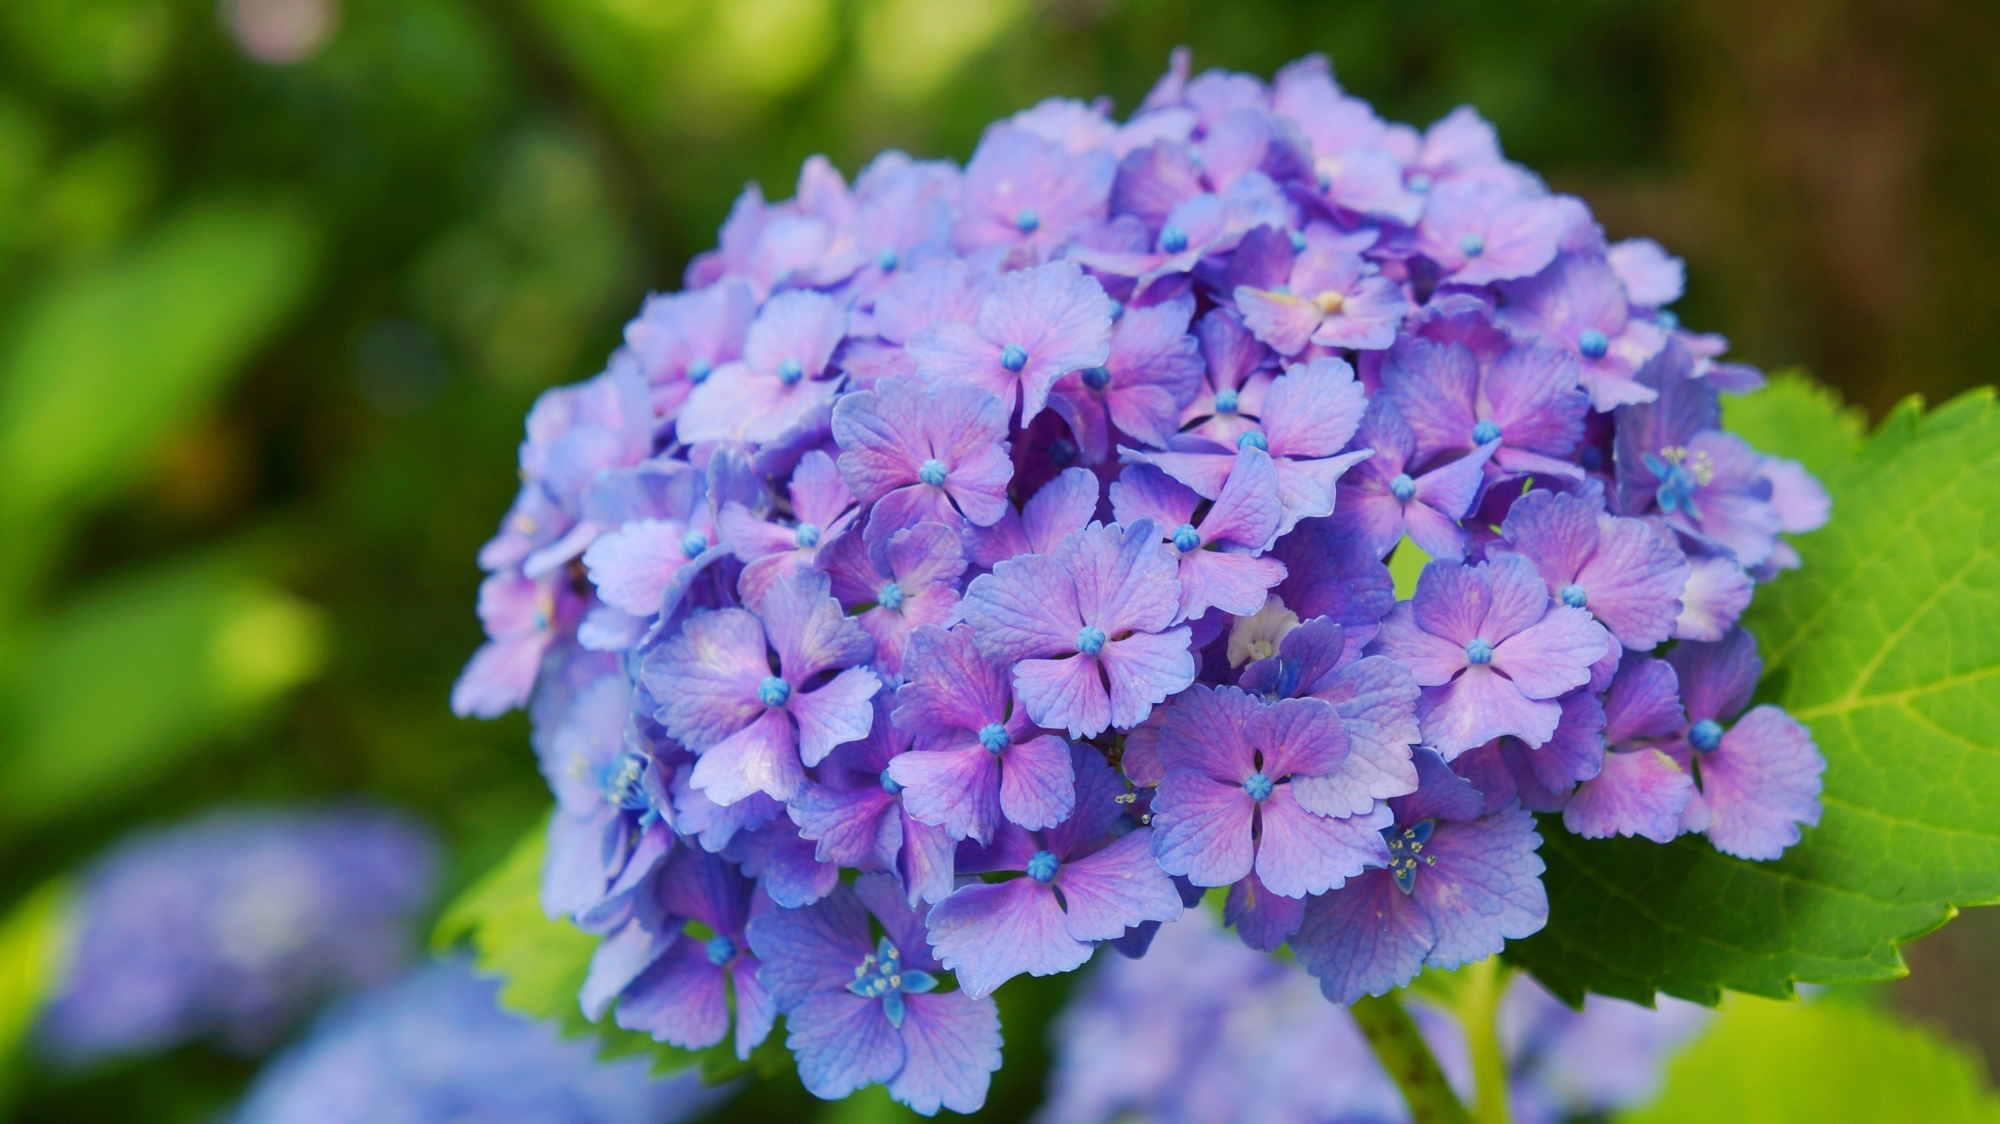 花びら一枚一枚は非常に繊細で可憐な祇園白川のアジサイ